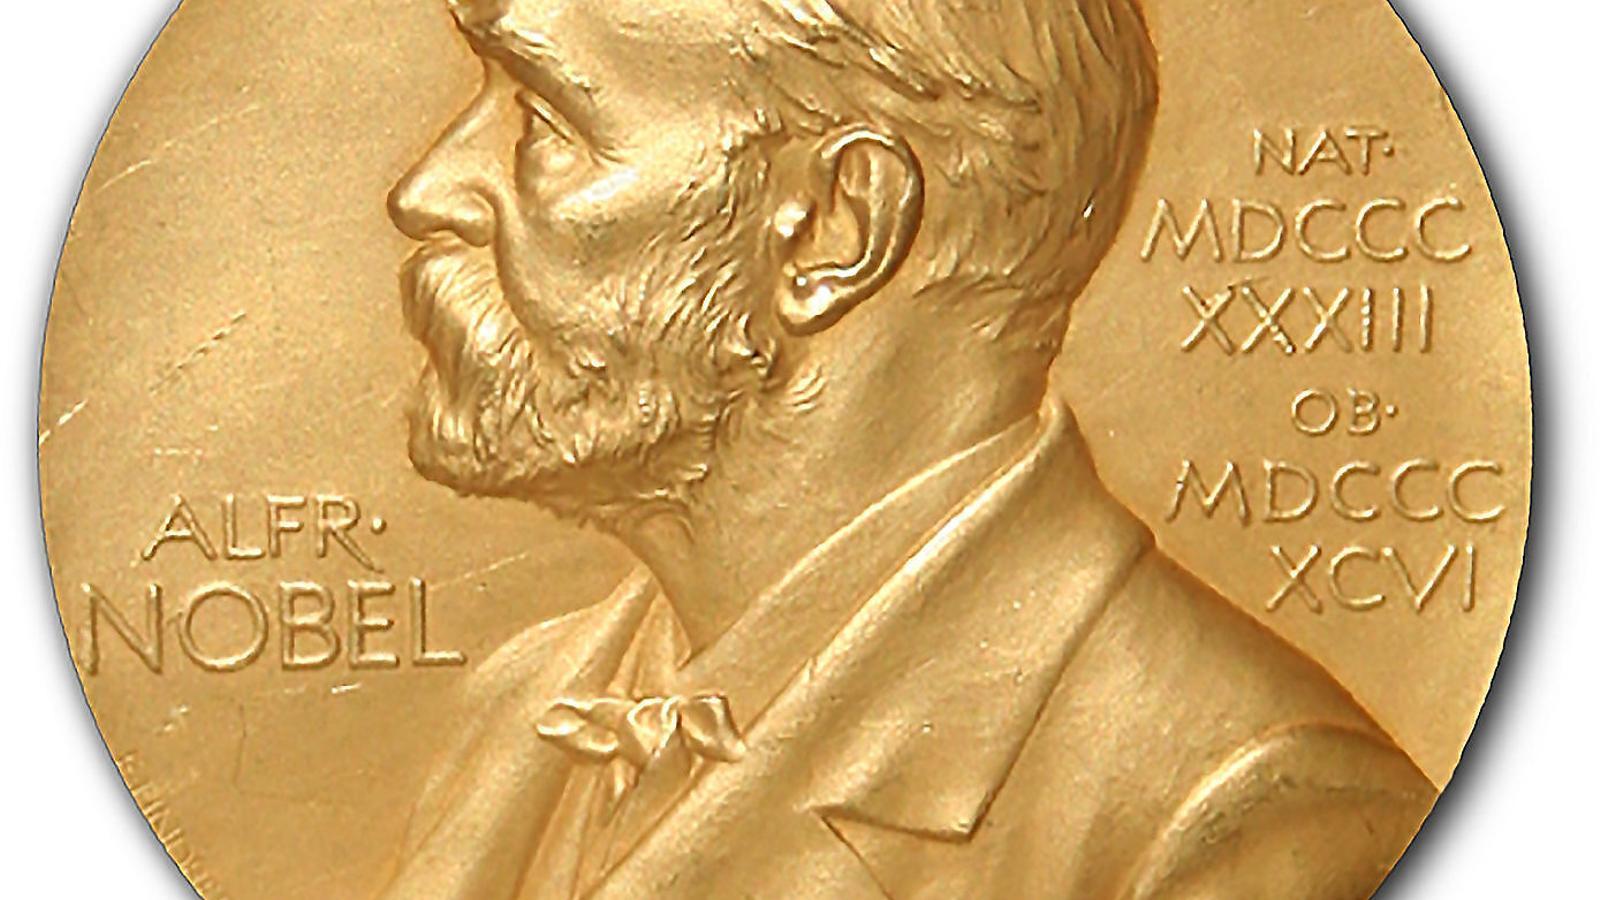 Forats negres, hepatitis C,  Edició genètica i polèmica en els premis Nobel